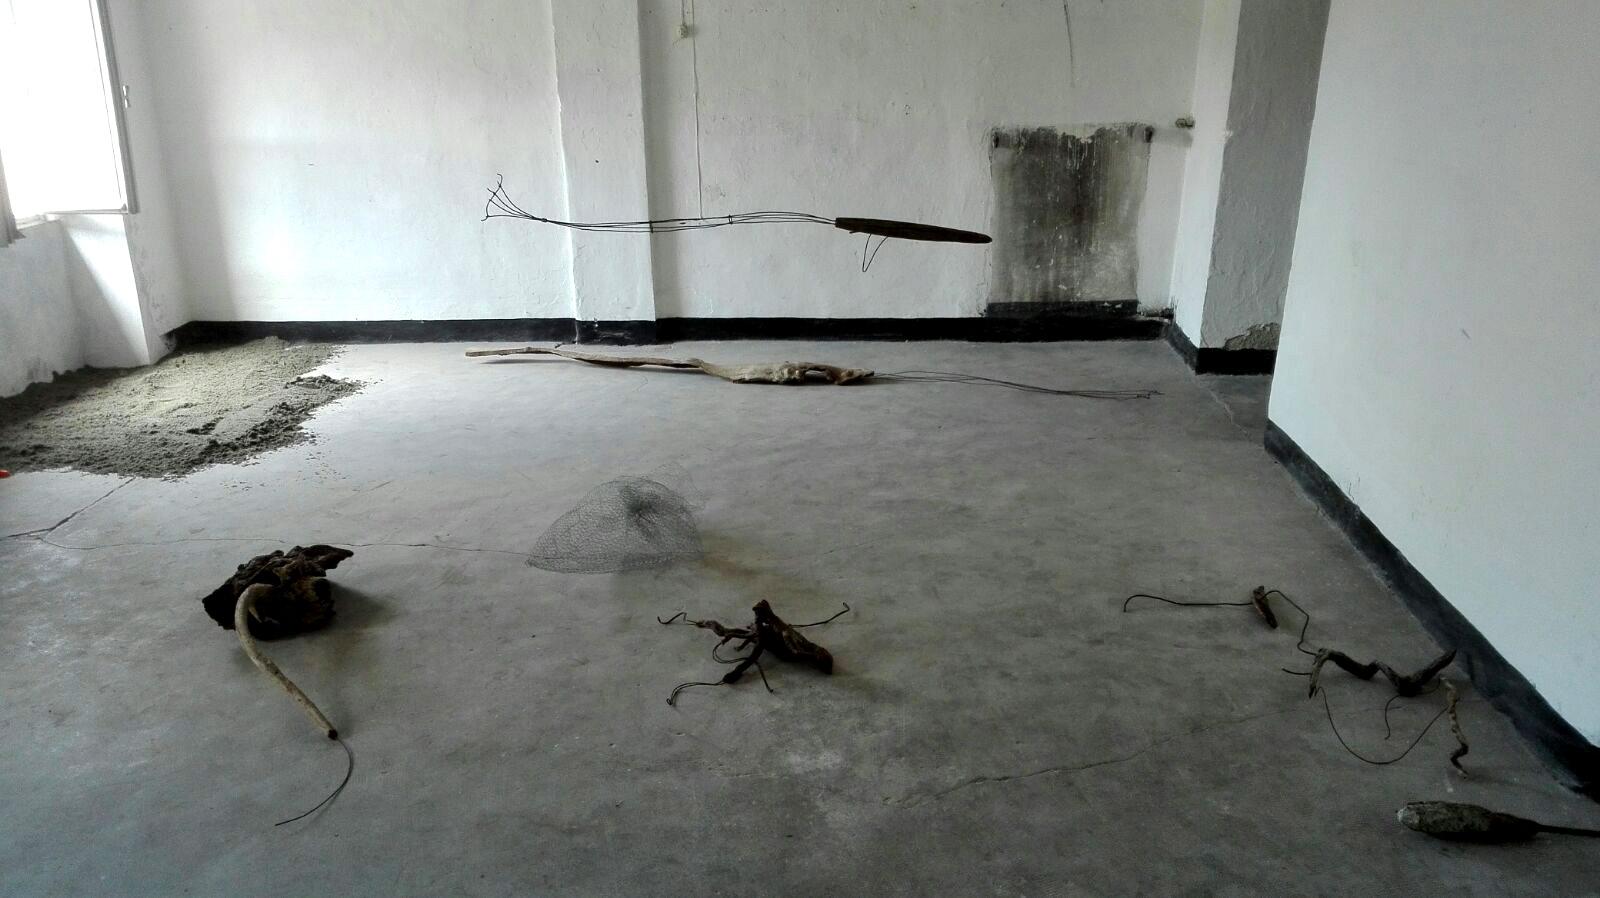 Massimo Ferrando, Creature dell'abisso, installazione in progress